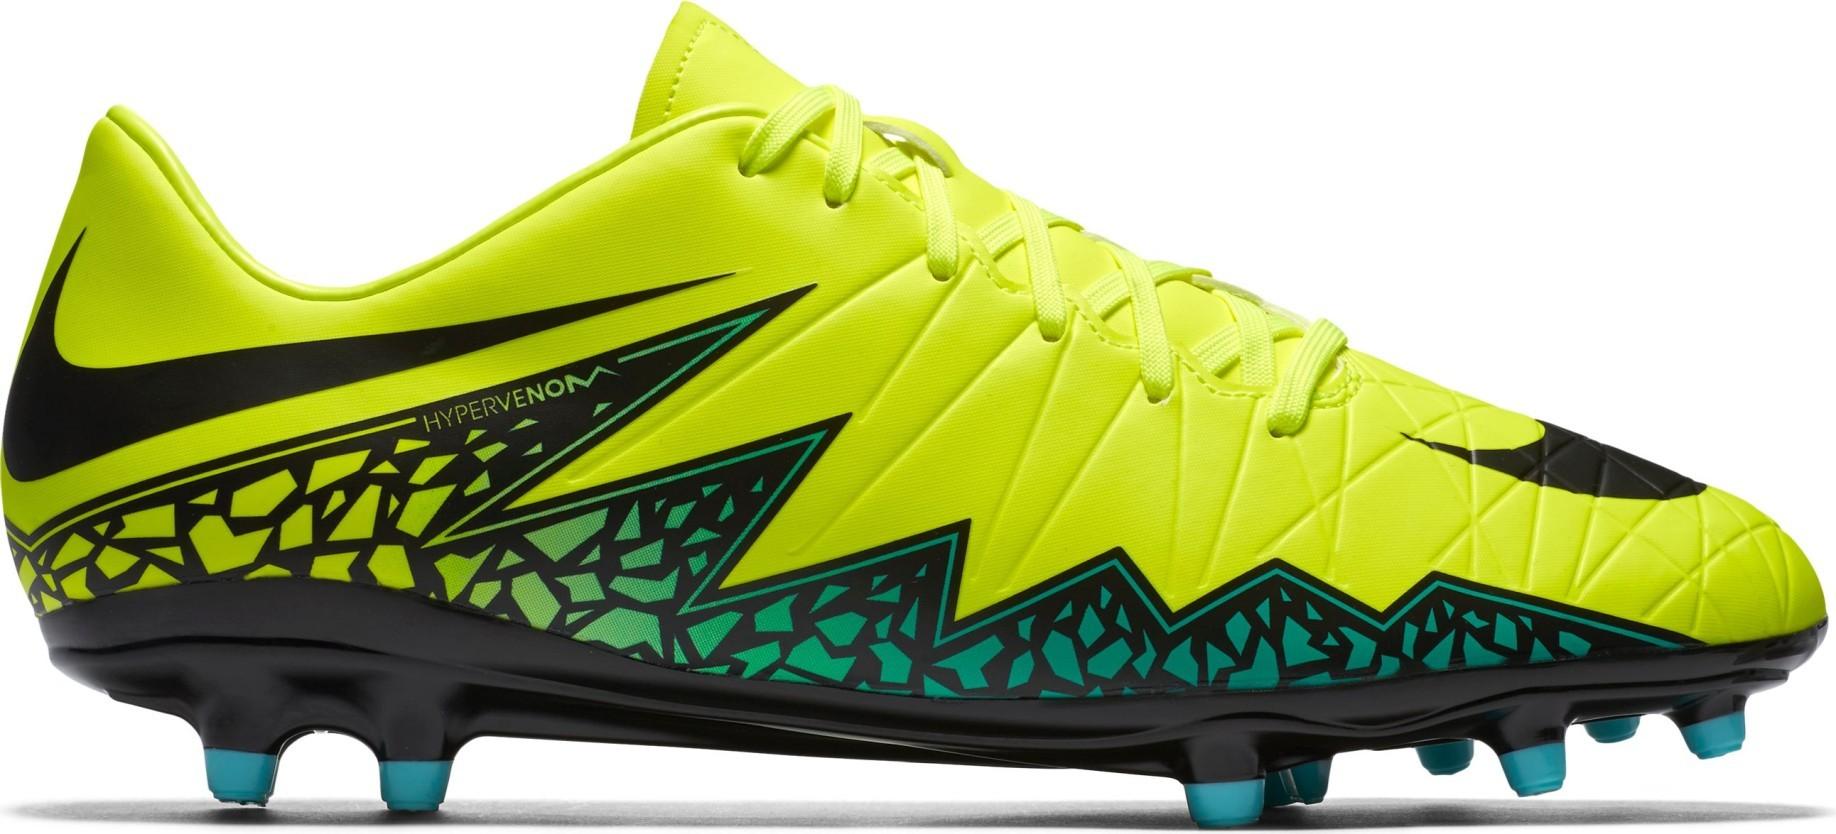 official photos d8f8b 27173 Zapatos de fútbol Nike Hypervenom Phelon FG II para colore amarillo rojo -  Nike - SportIT.com